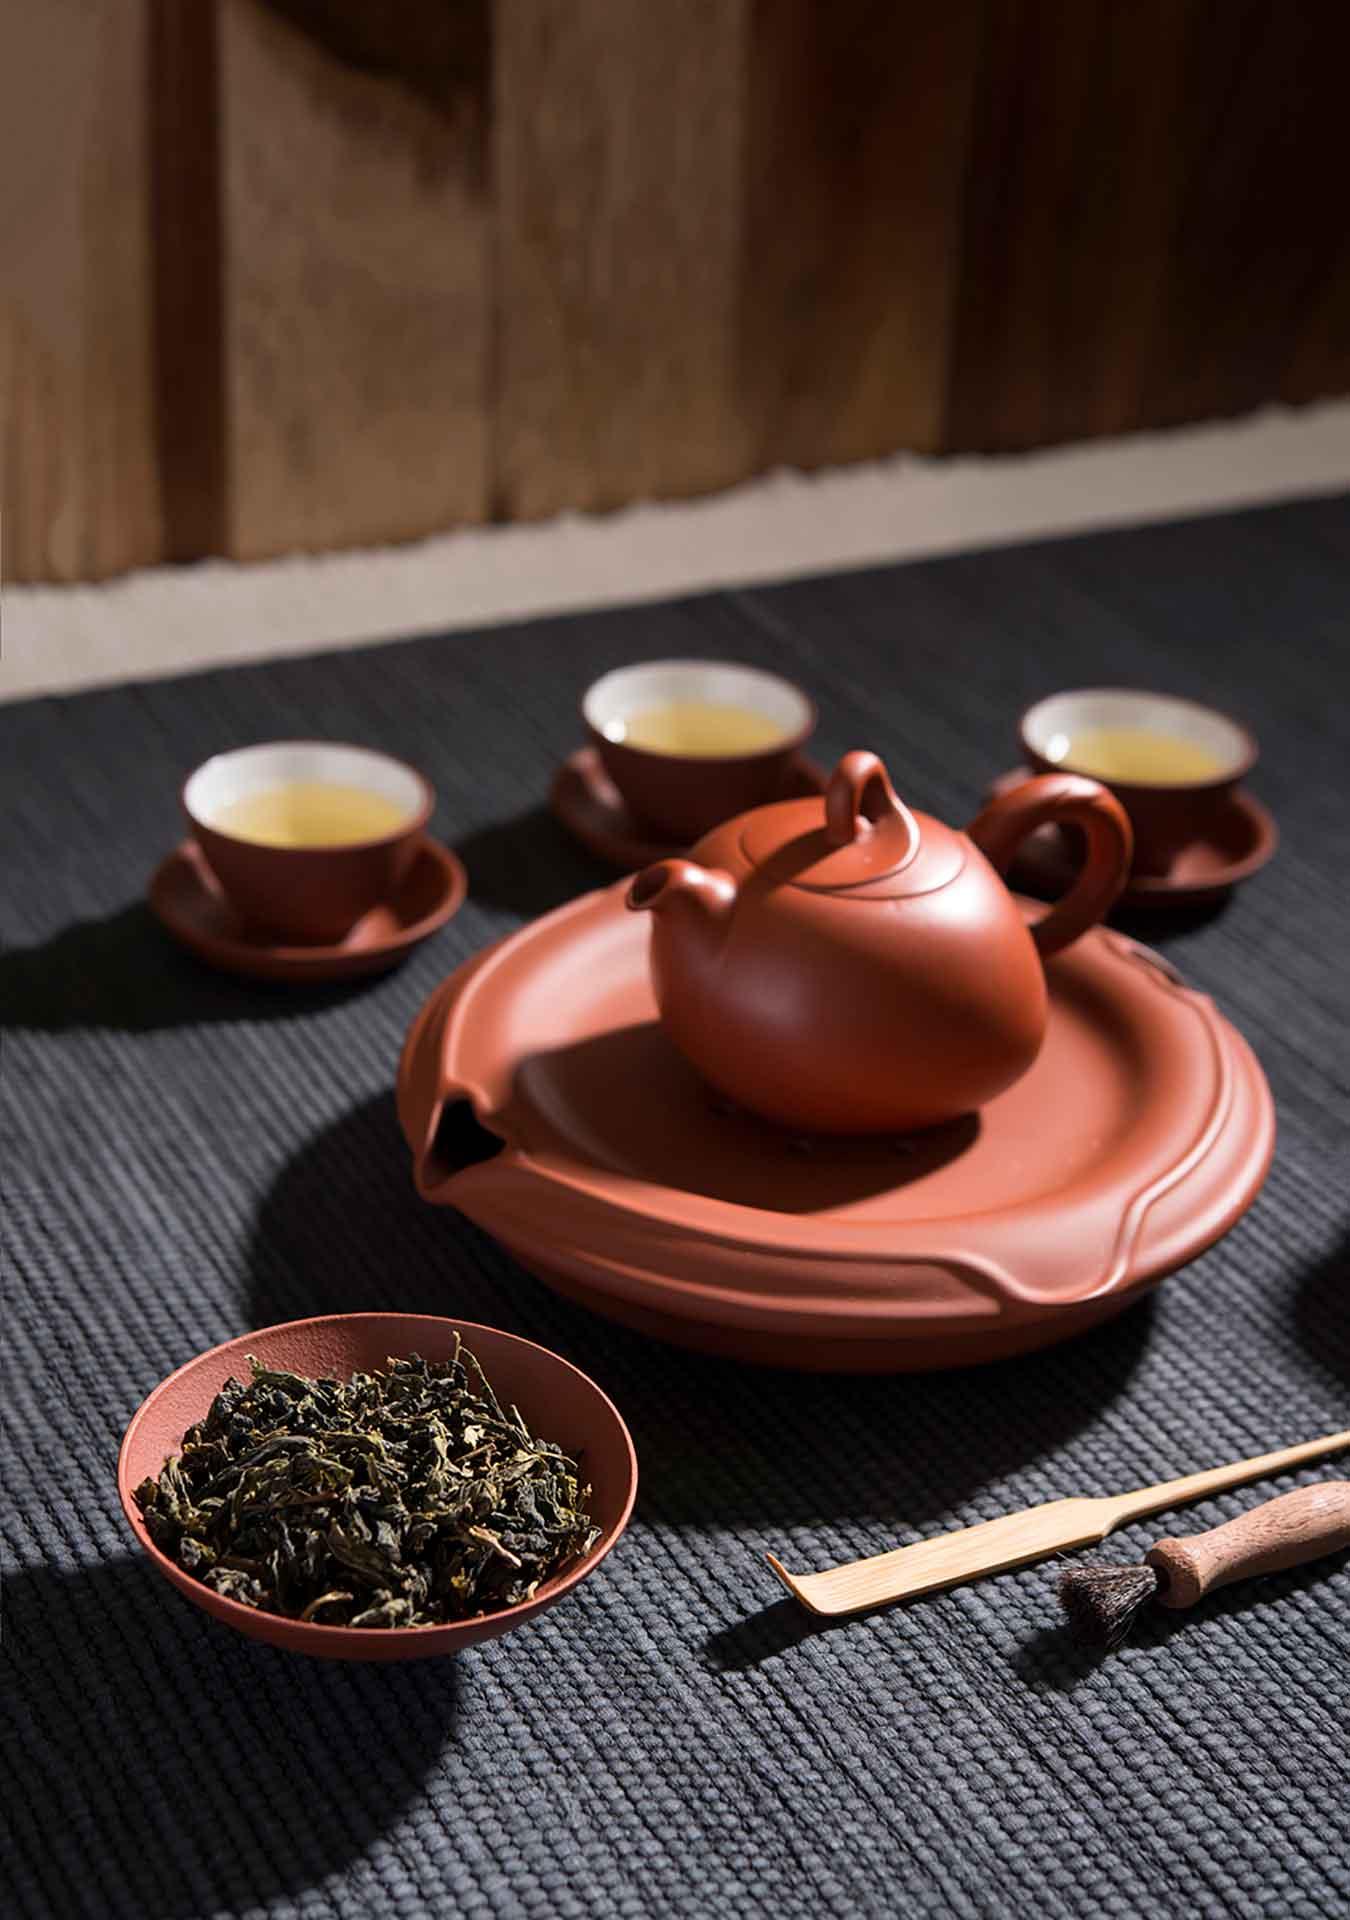 ceremonia china de té